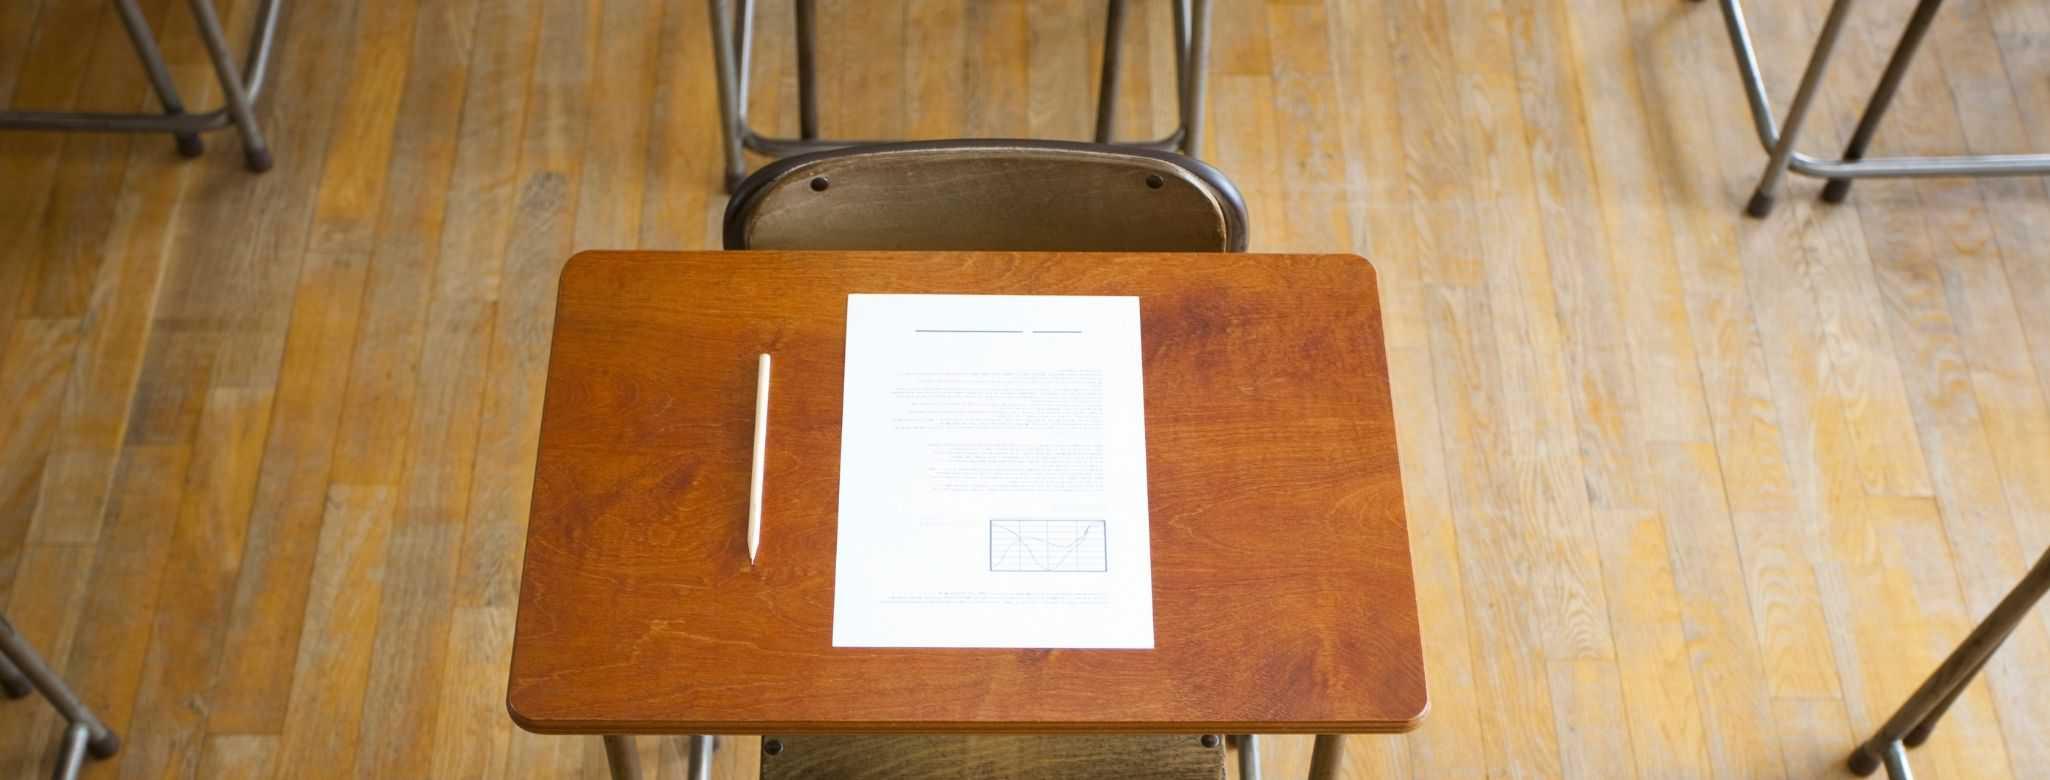 מבחני מיון במכון אבחון